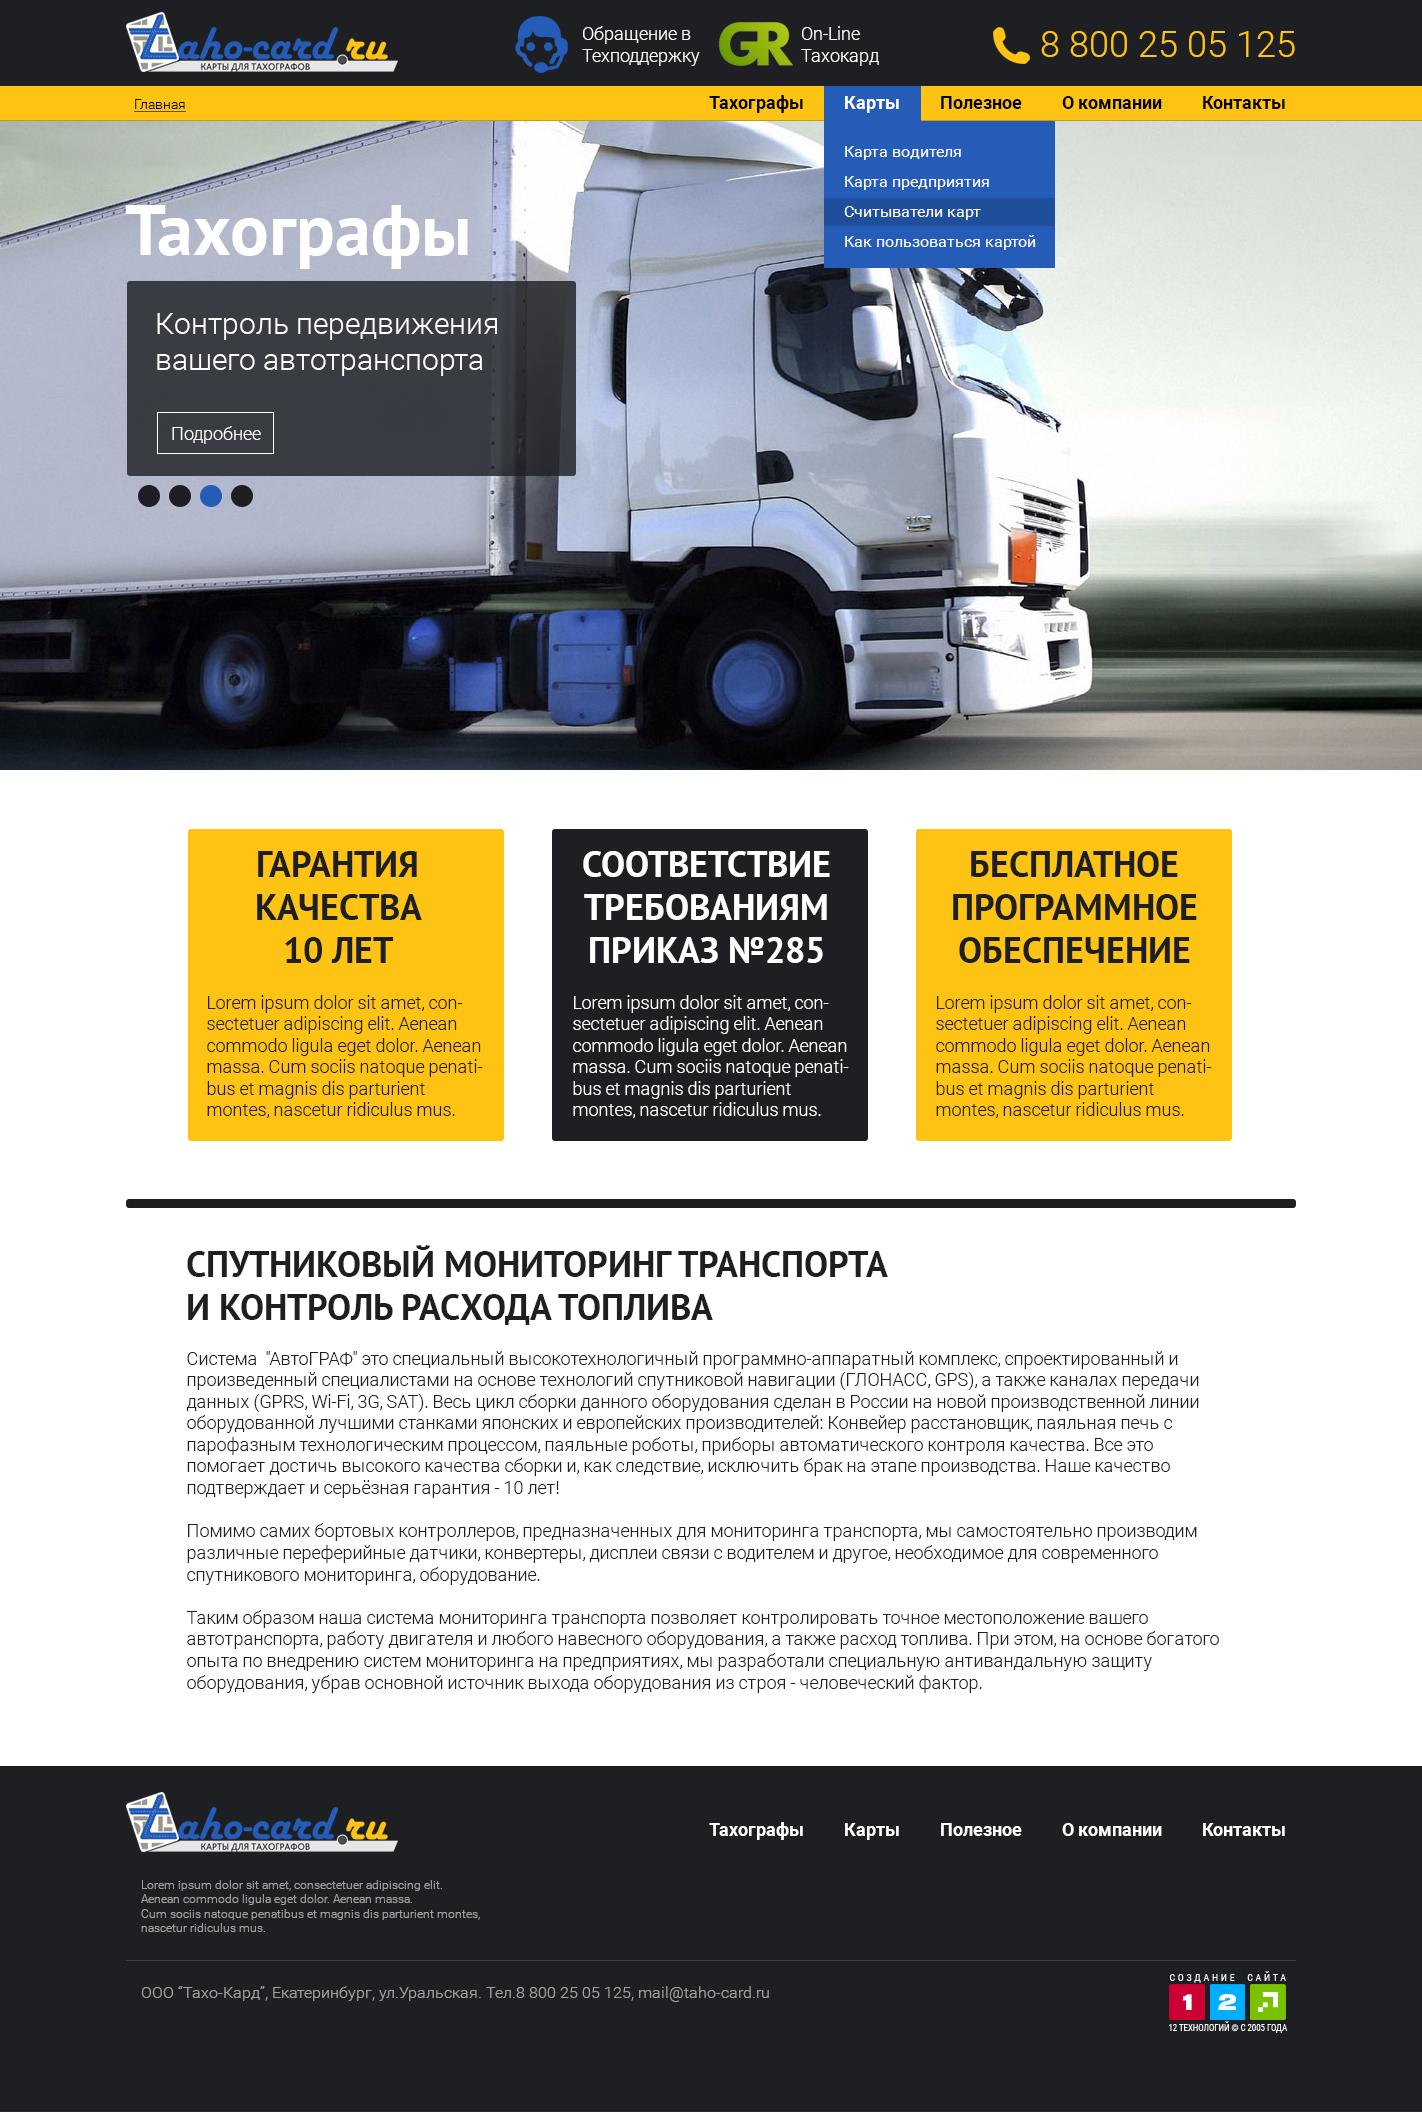 Пример дизайна корпоративного сайта ТахоКарт